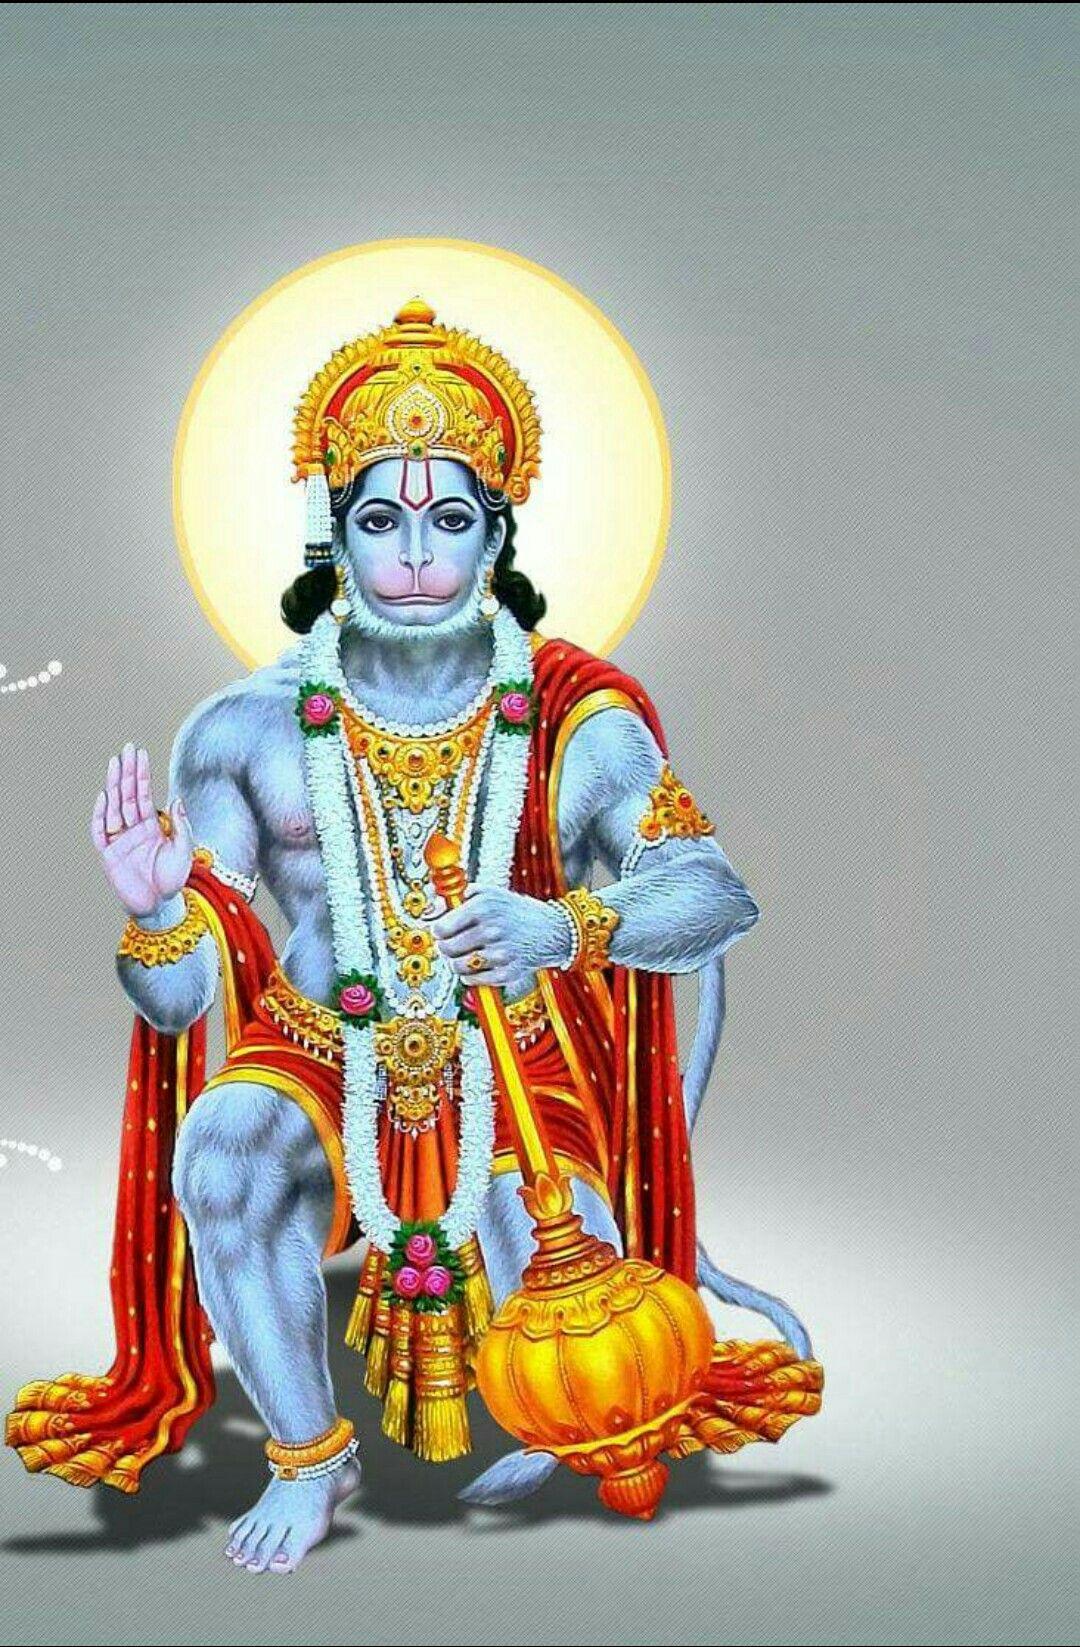 Pin By Suman Baina On Jai Sri Ram Hanuman Shri Hanuman Jai Hanuman